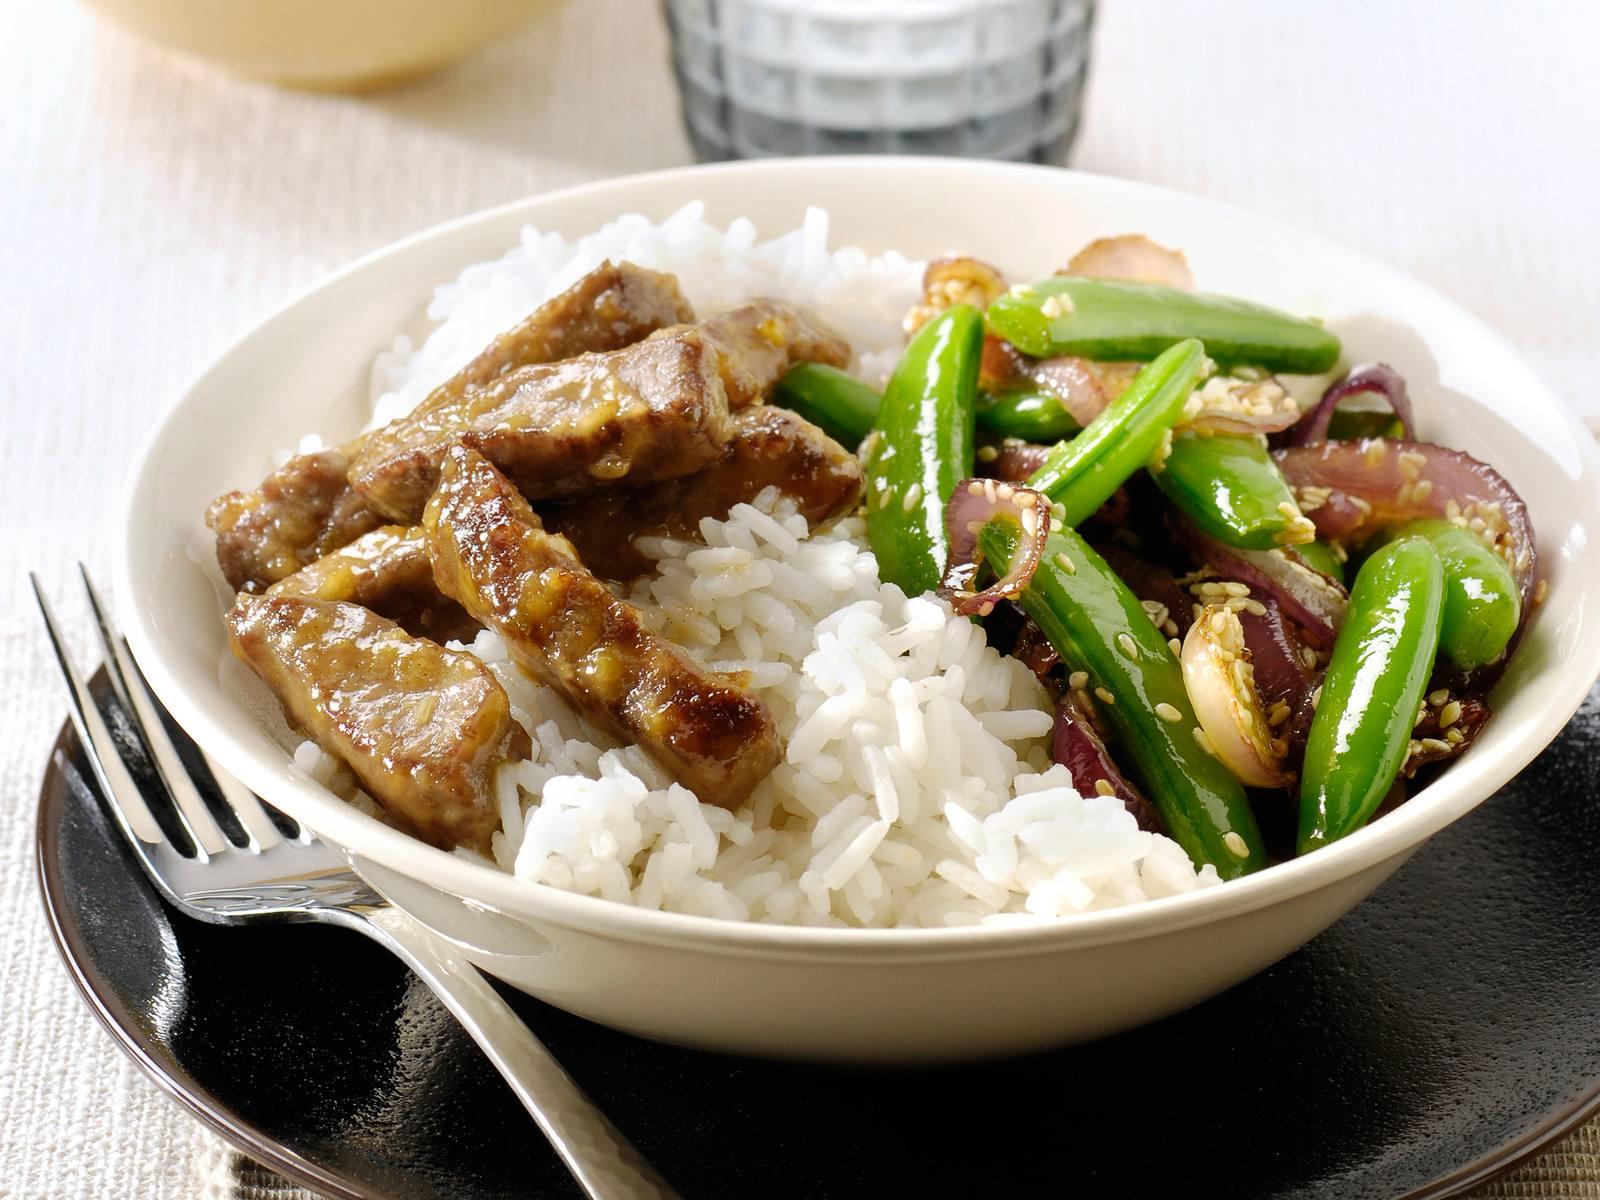 Aziatische vleesreepjes met Lemongrass Chili woksaus